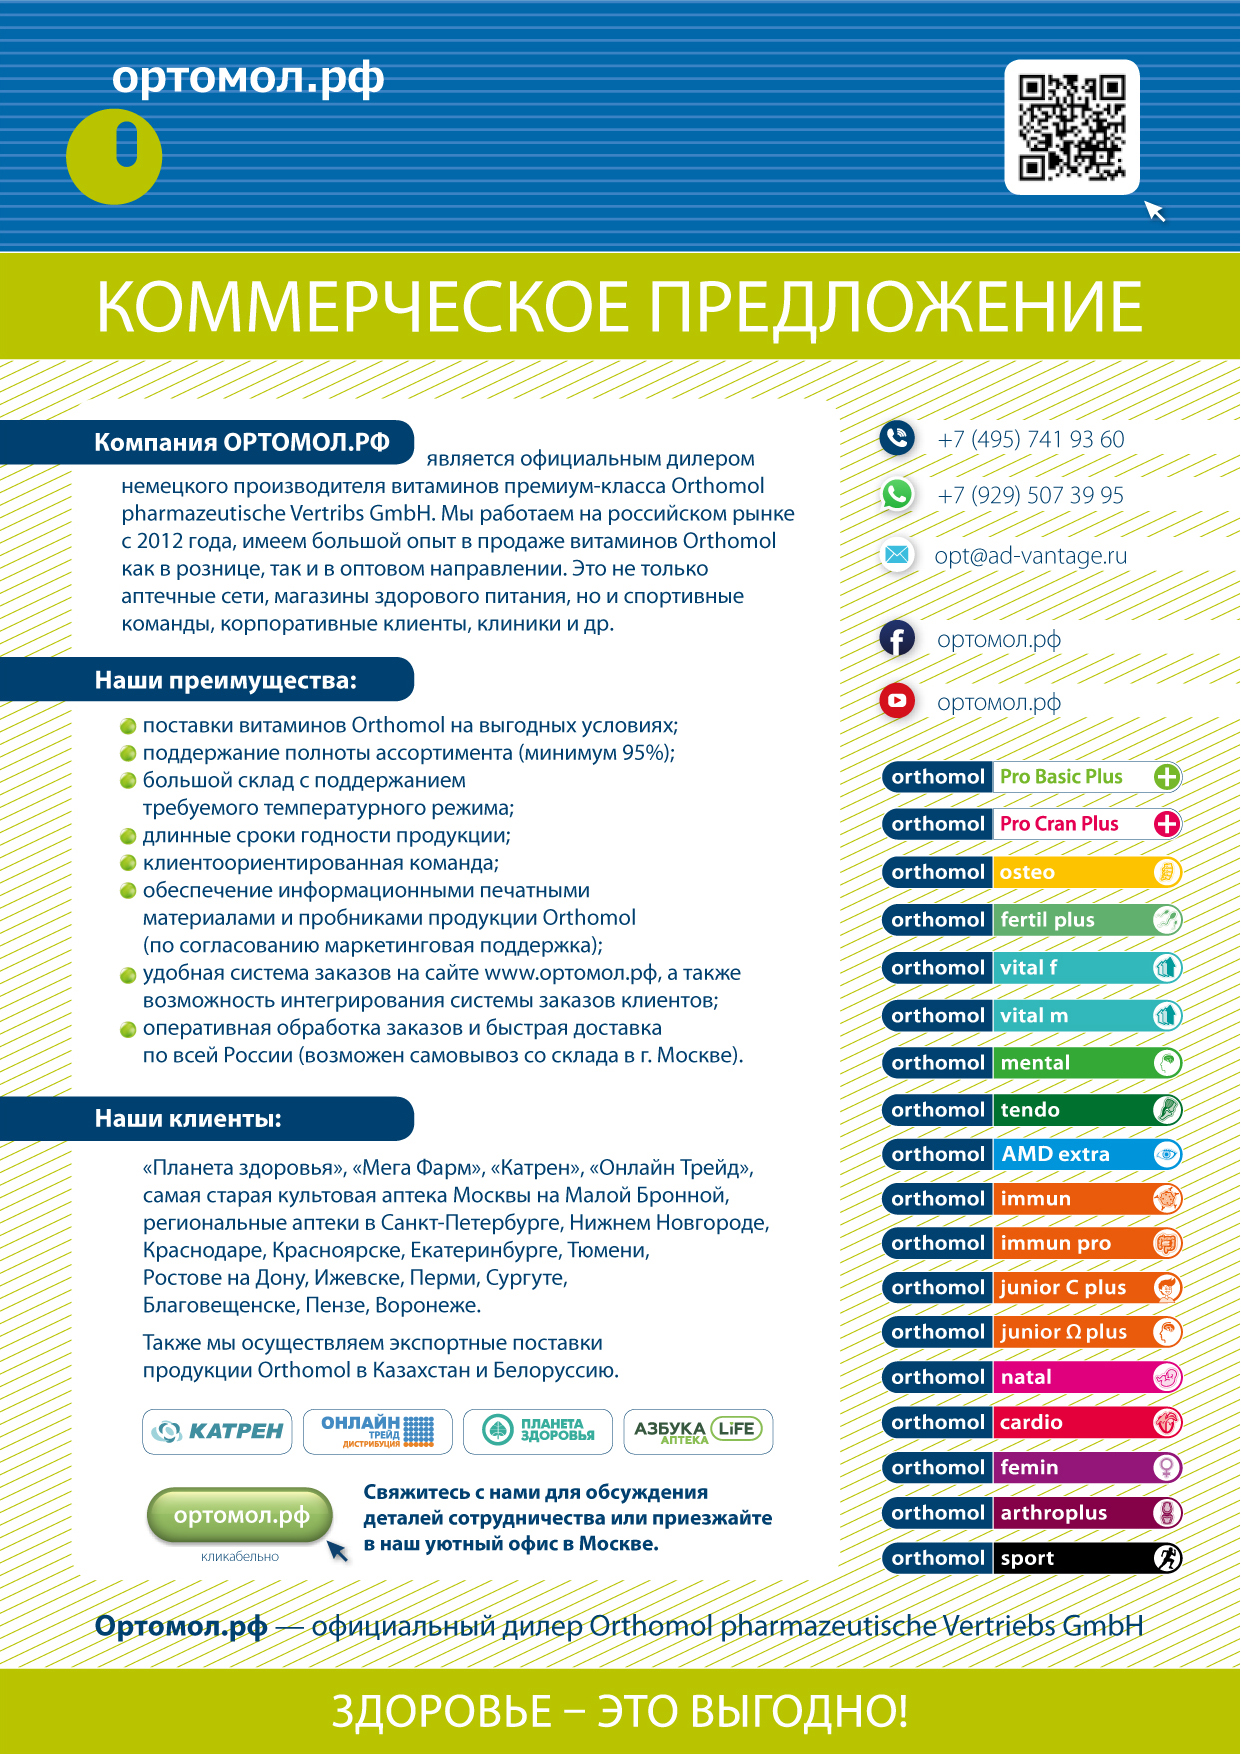 Коммерческое предложение по оптовым поставкам витаминов Orthomol (Ортомол.рф)